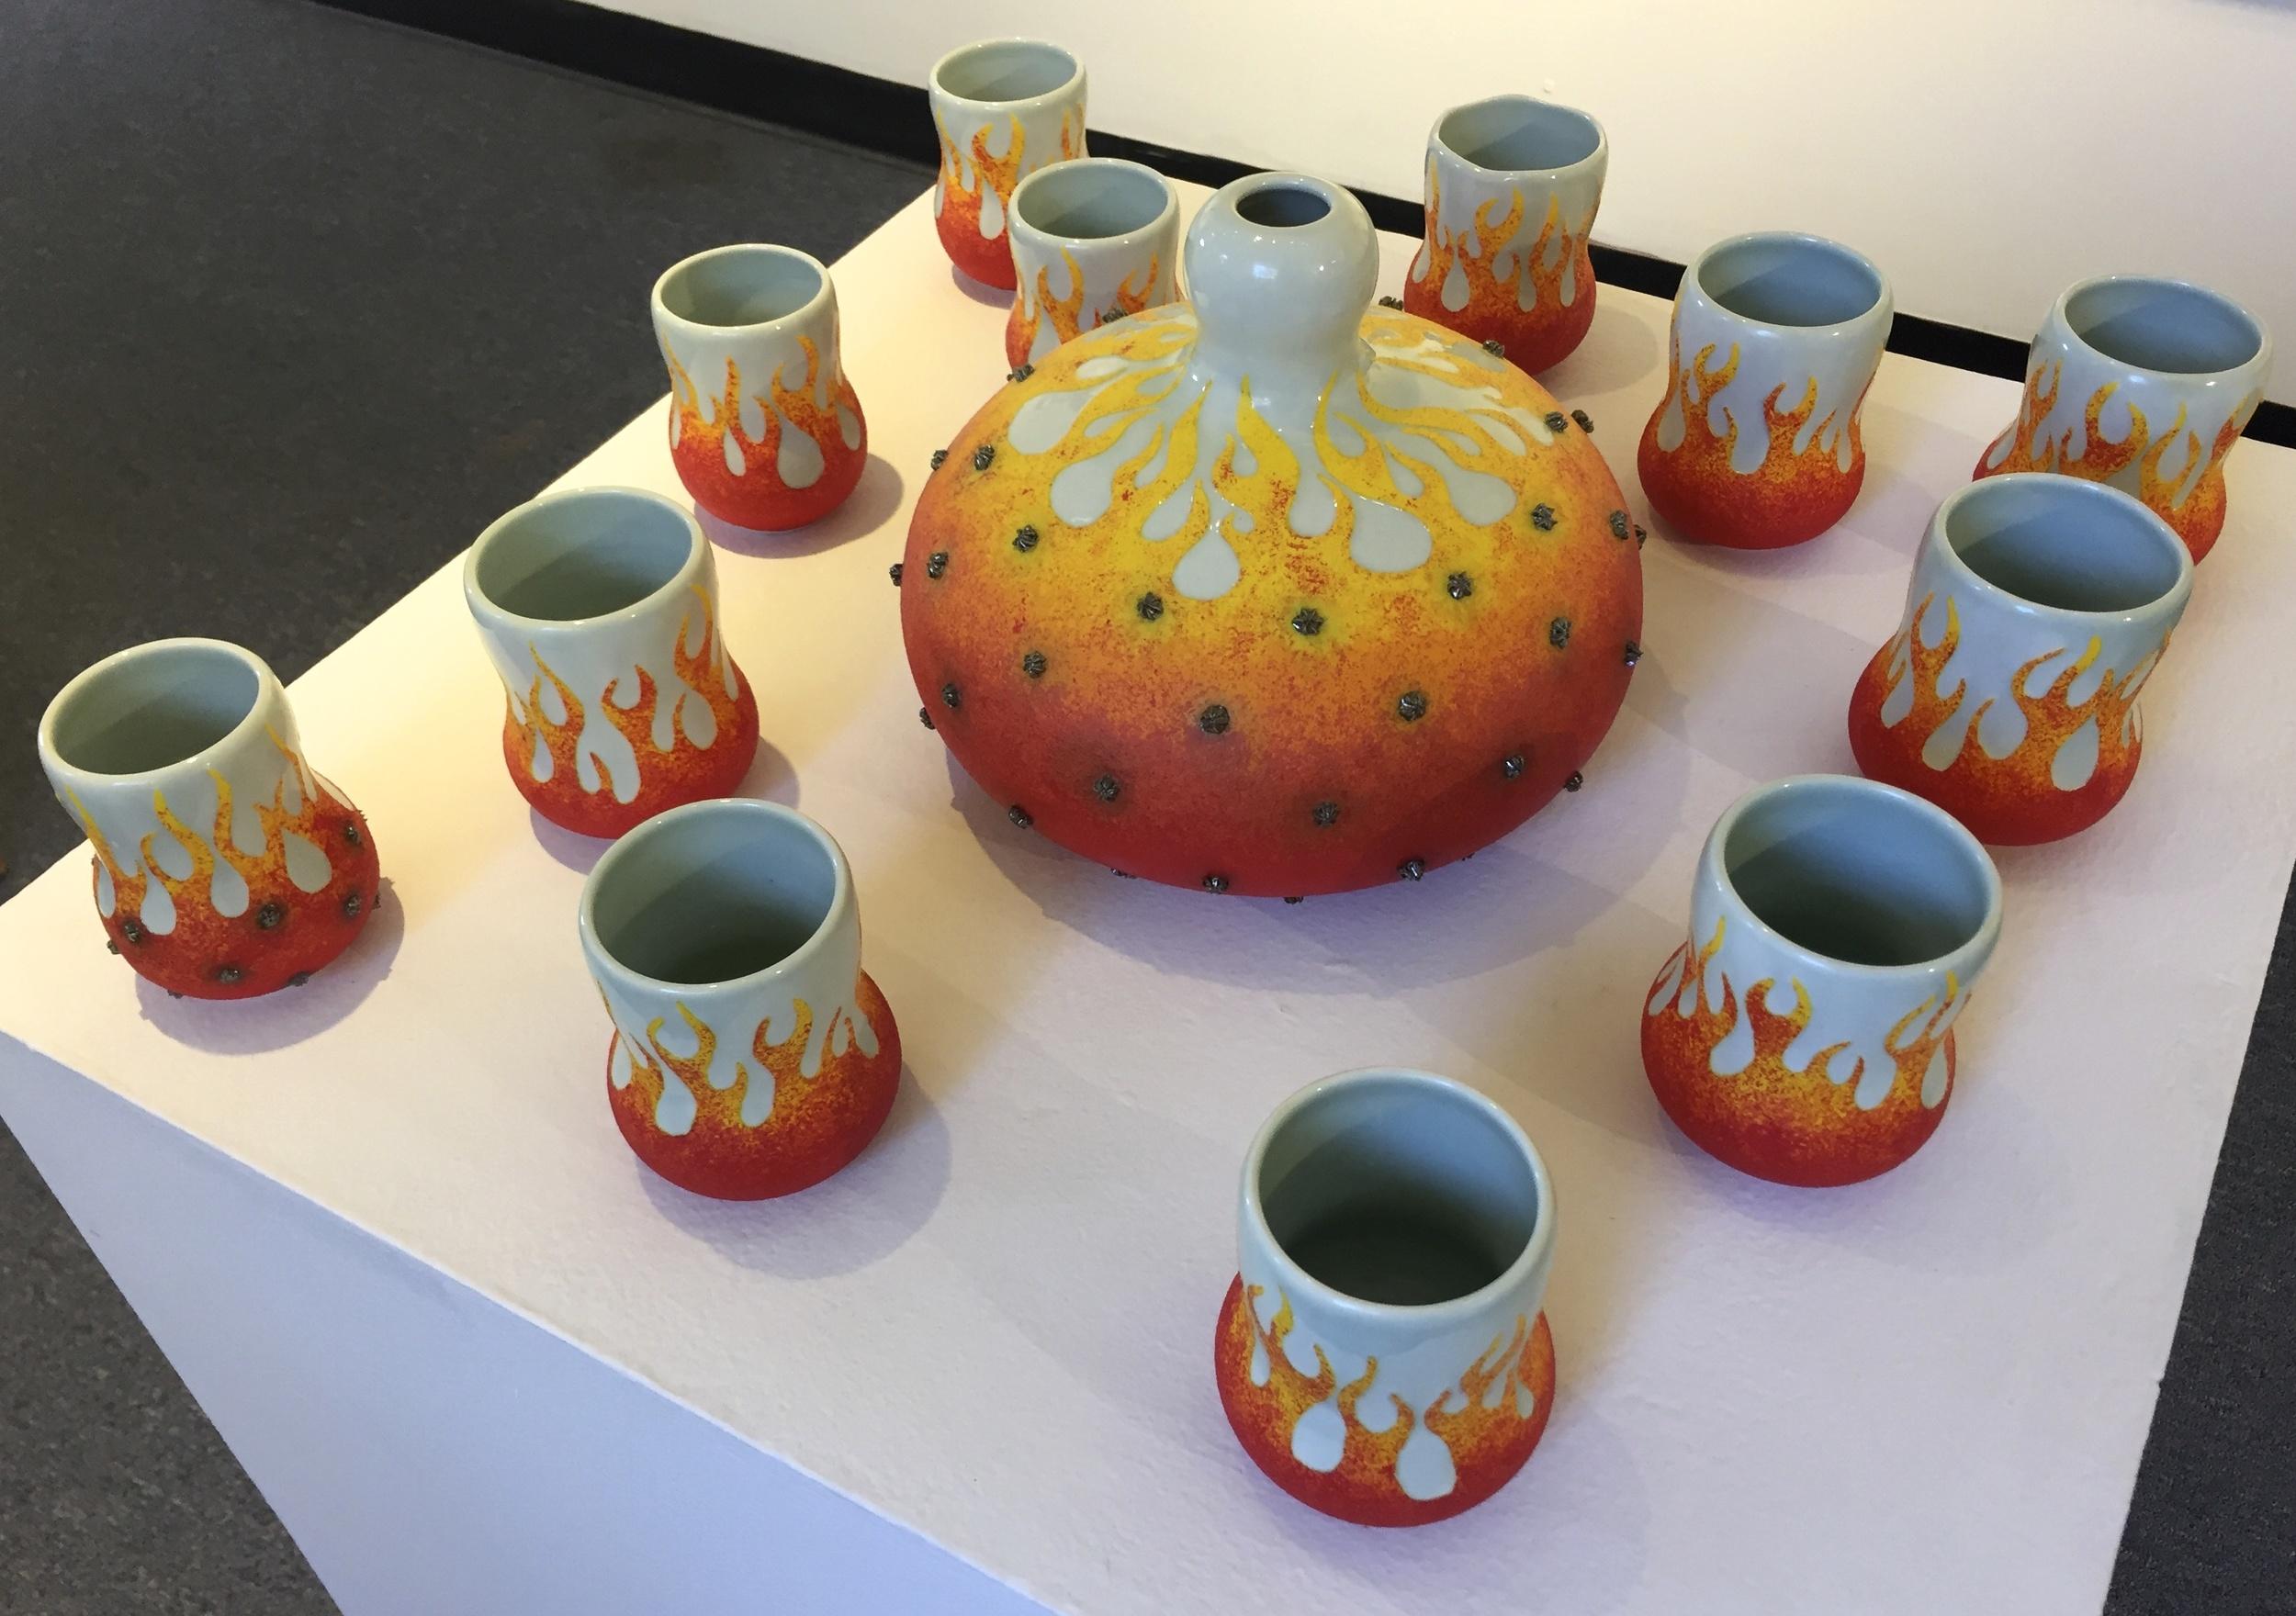 Scott Bennett vessel and cups